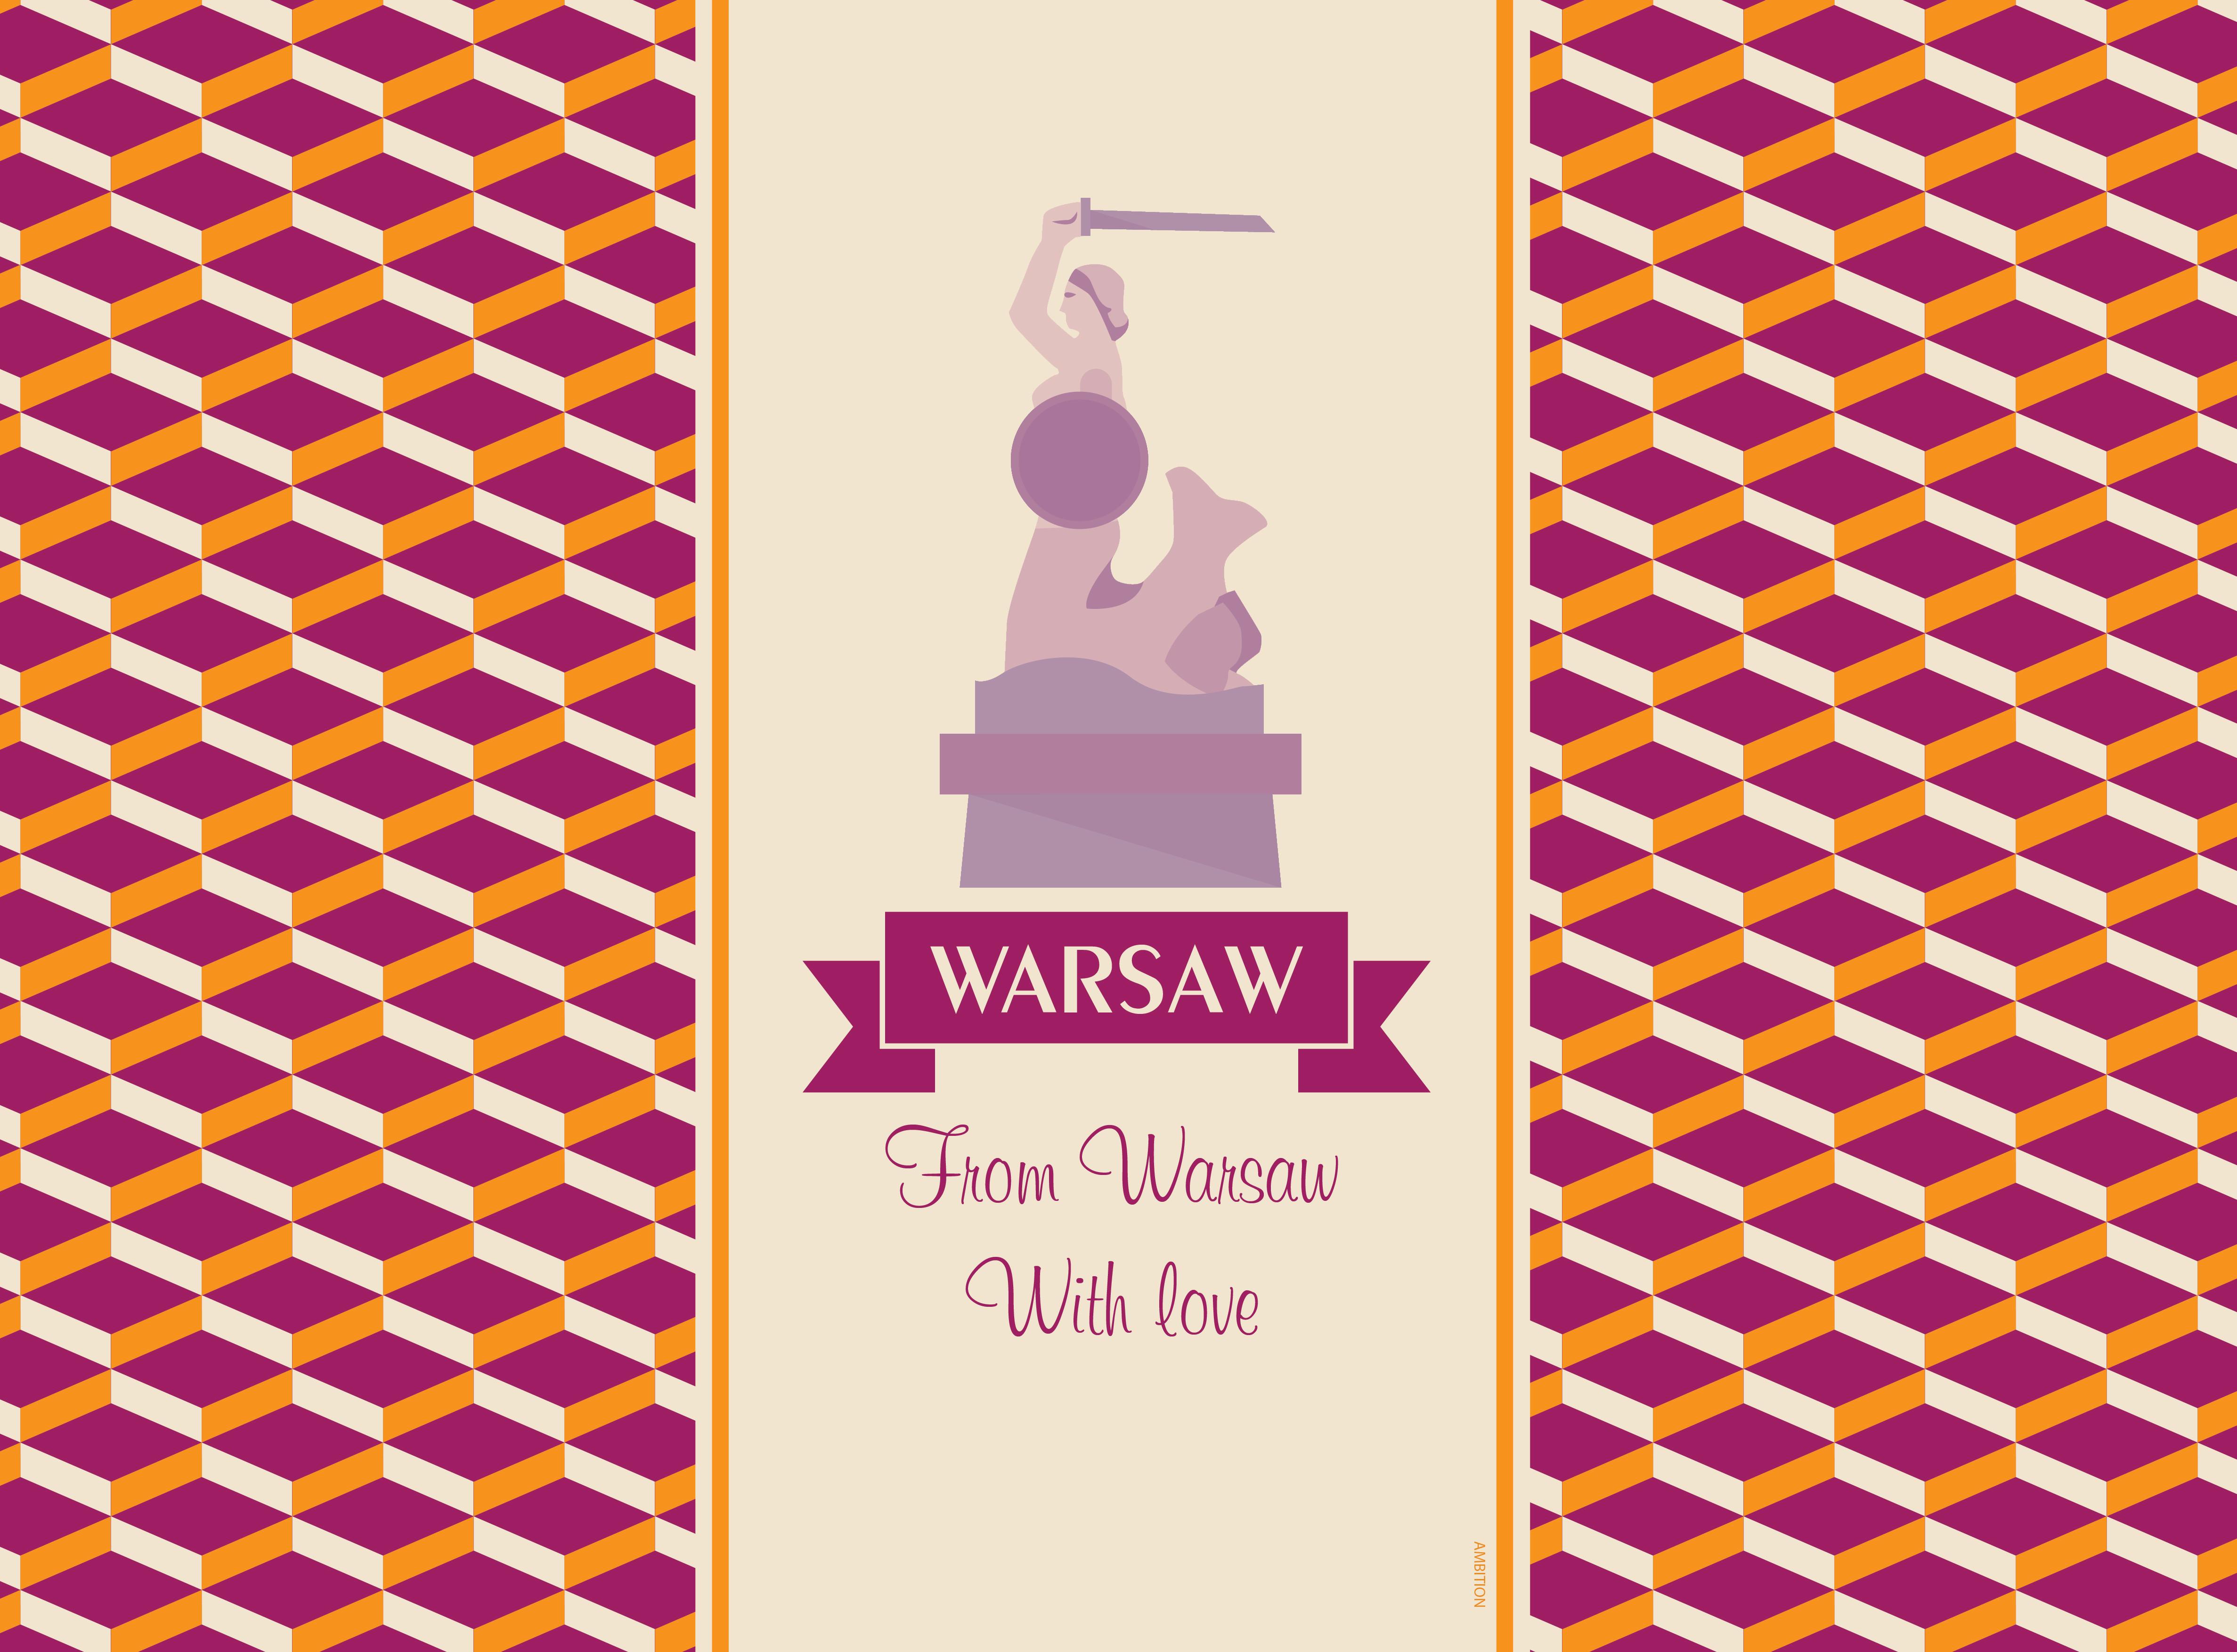 Komplet podkładek korkowych 2 szt. City Warsaw 39,5 x 29,5 cm AMBITION